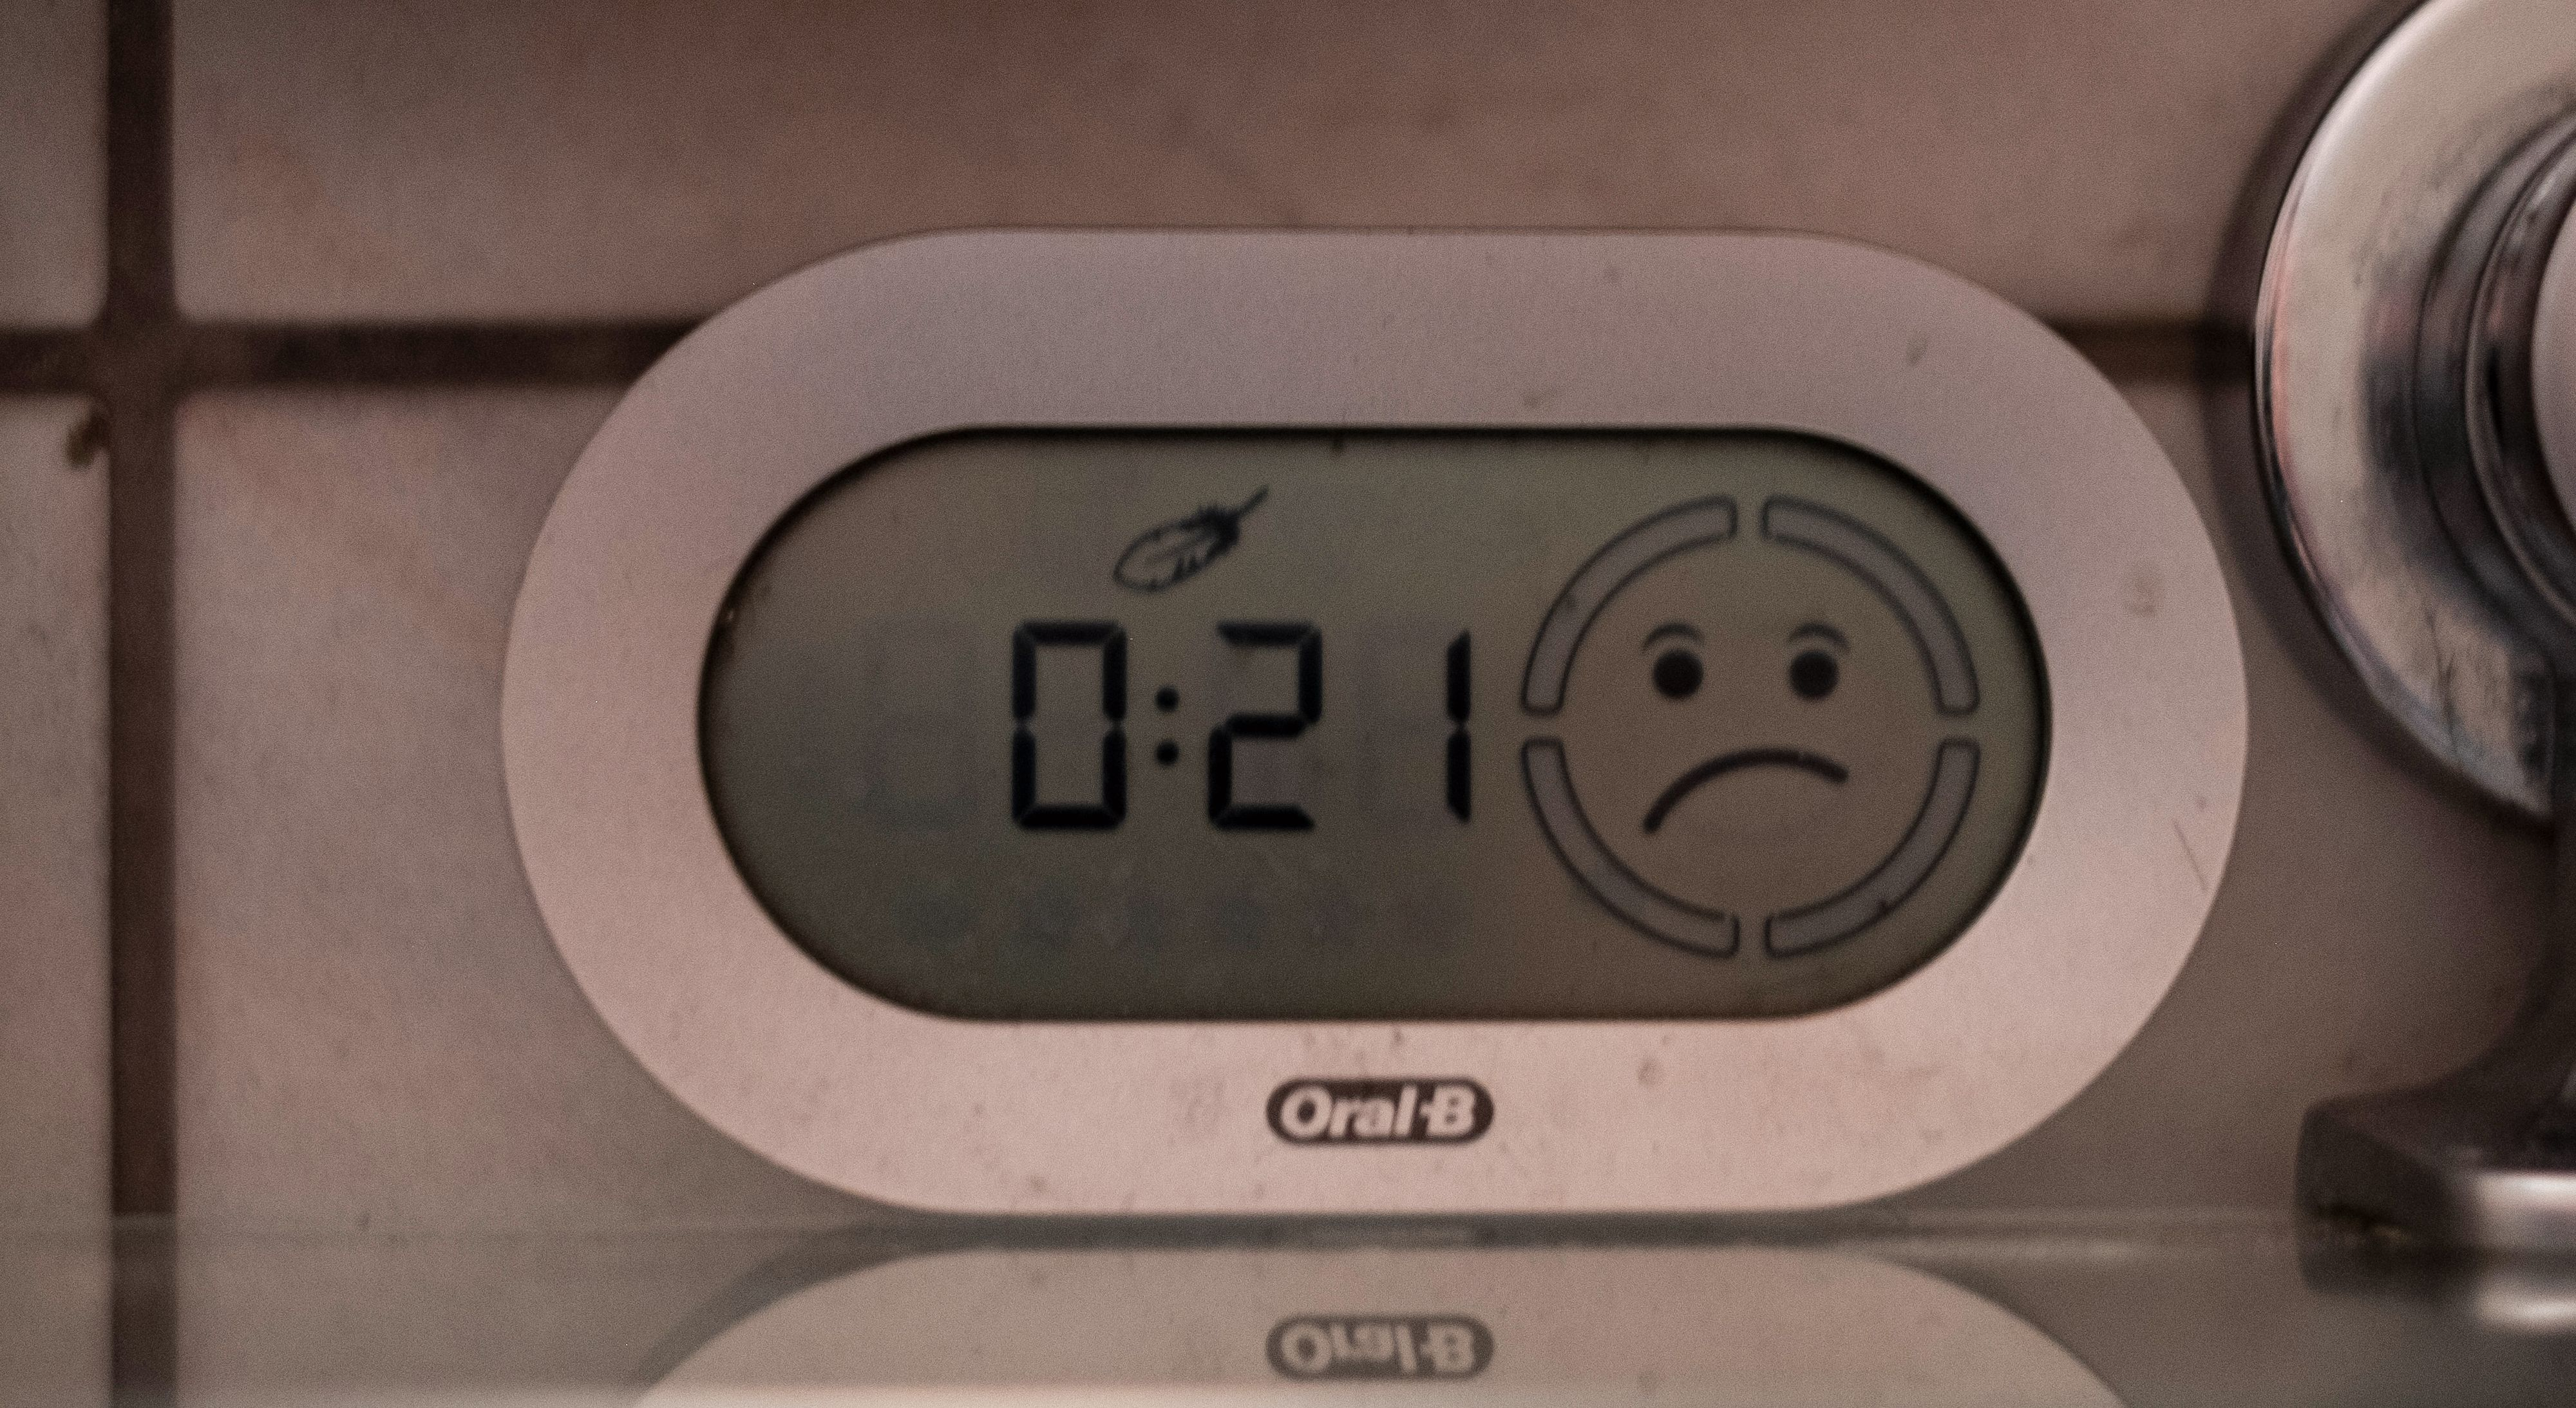 Det gamle Smart Guide-displayet som dukket opp for flere generasjoner Oral B siden har fungert med alle nyere børster frem til iO. Slik ser det ut når den varsler om at du pusser for hart med en Genius-børste «tilkoblet» - den viser strengt tatt info for alle børster den er i nærheten av, men bruker en liten tid på å begynne å virke med en ny.